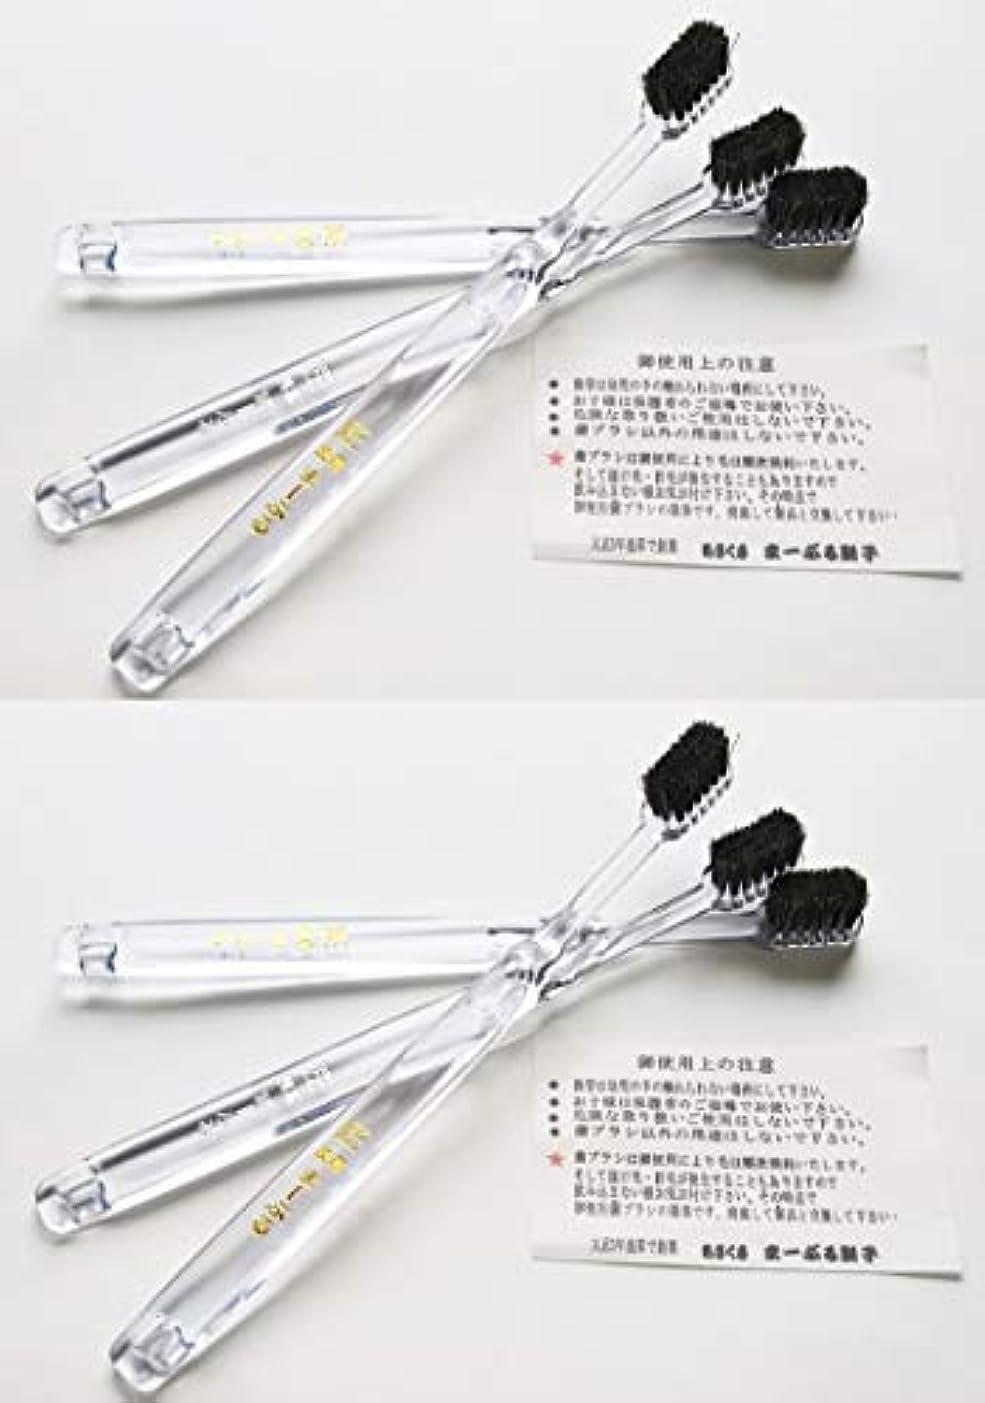 元祖 絶品 黒馬毛歯ブラシ「匠」 3本×2セット 合計6本 ?硬さ:柔らか ※日本製 浅草まーぶる